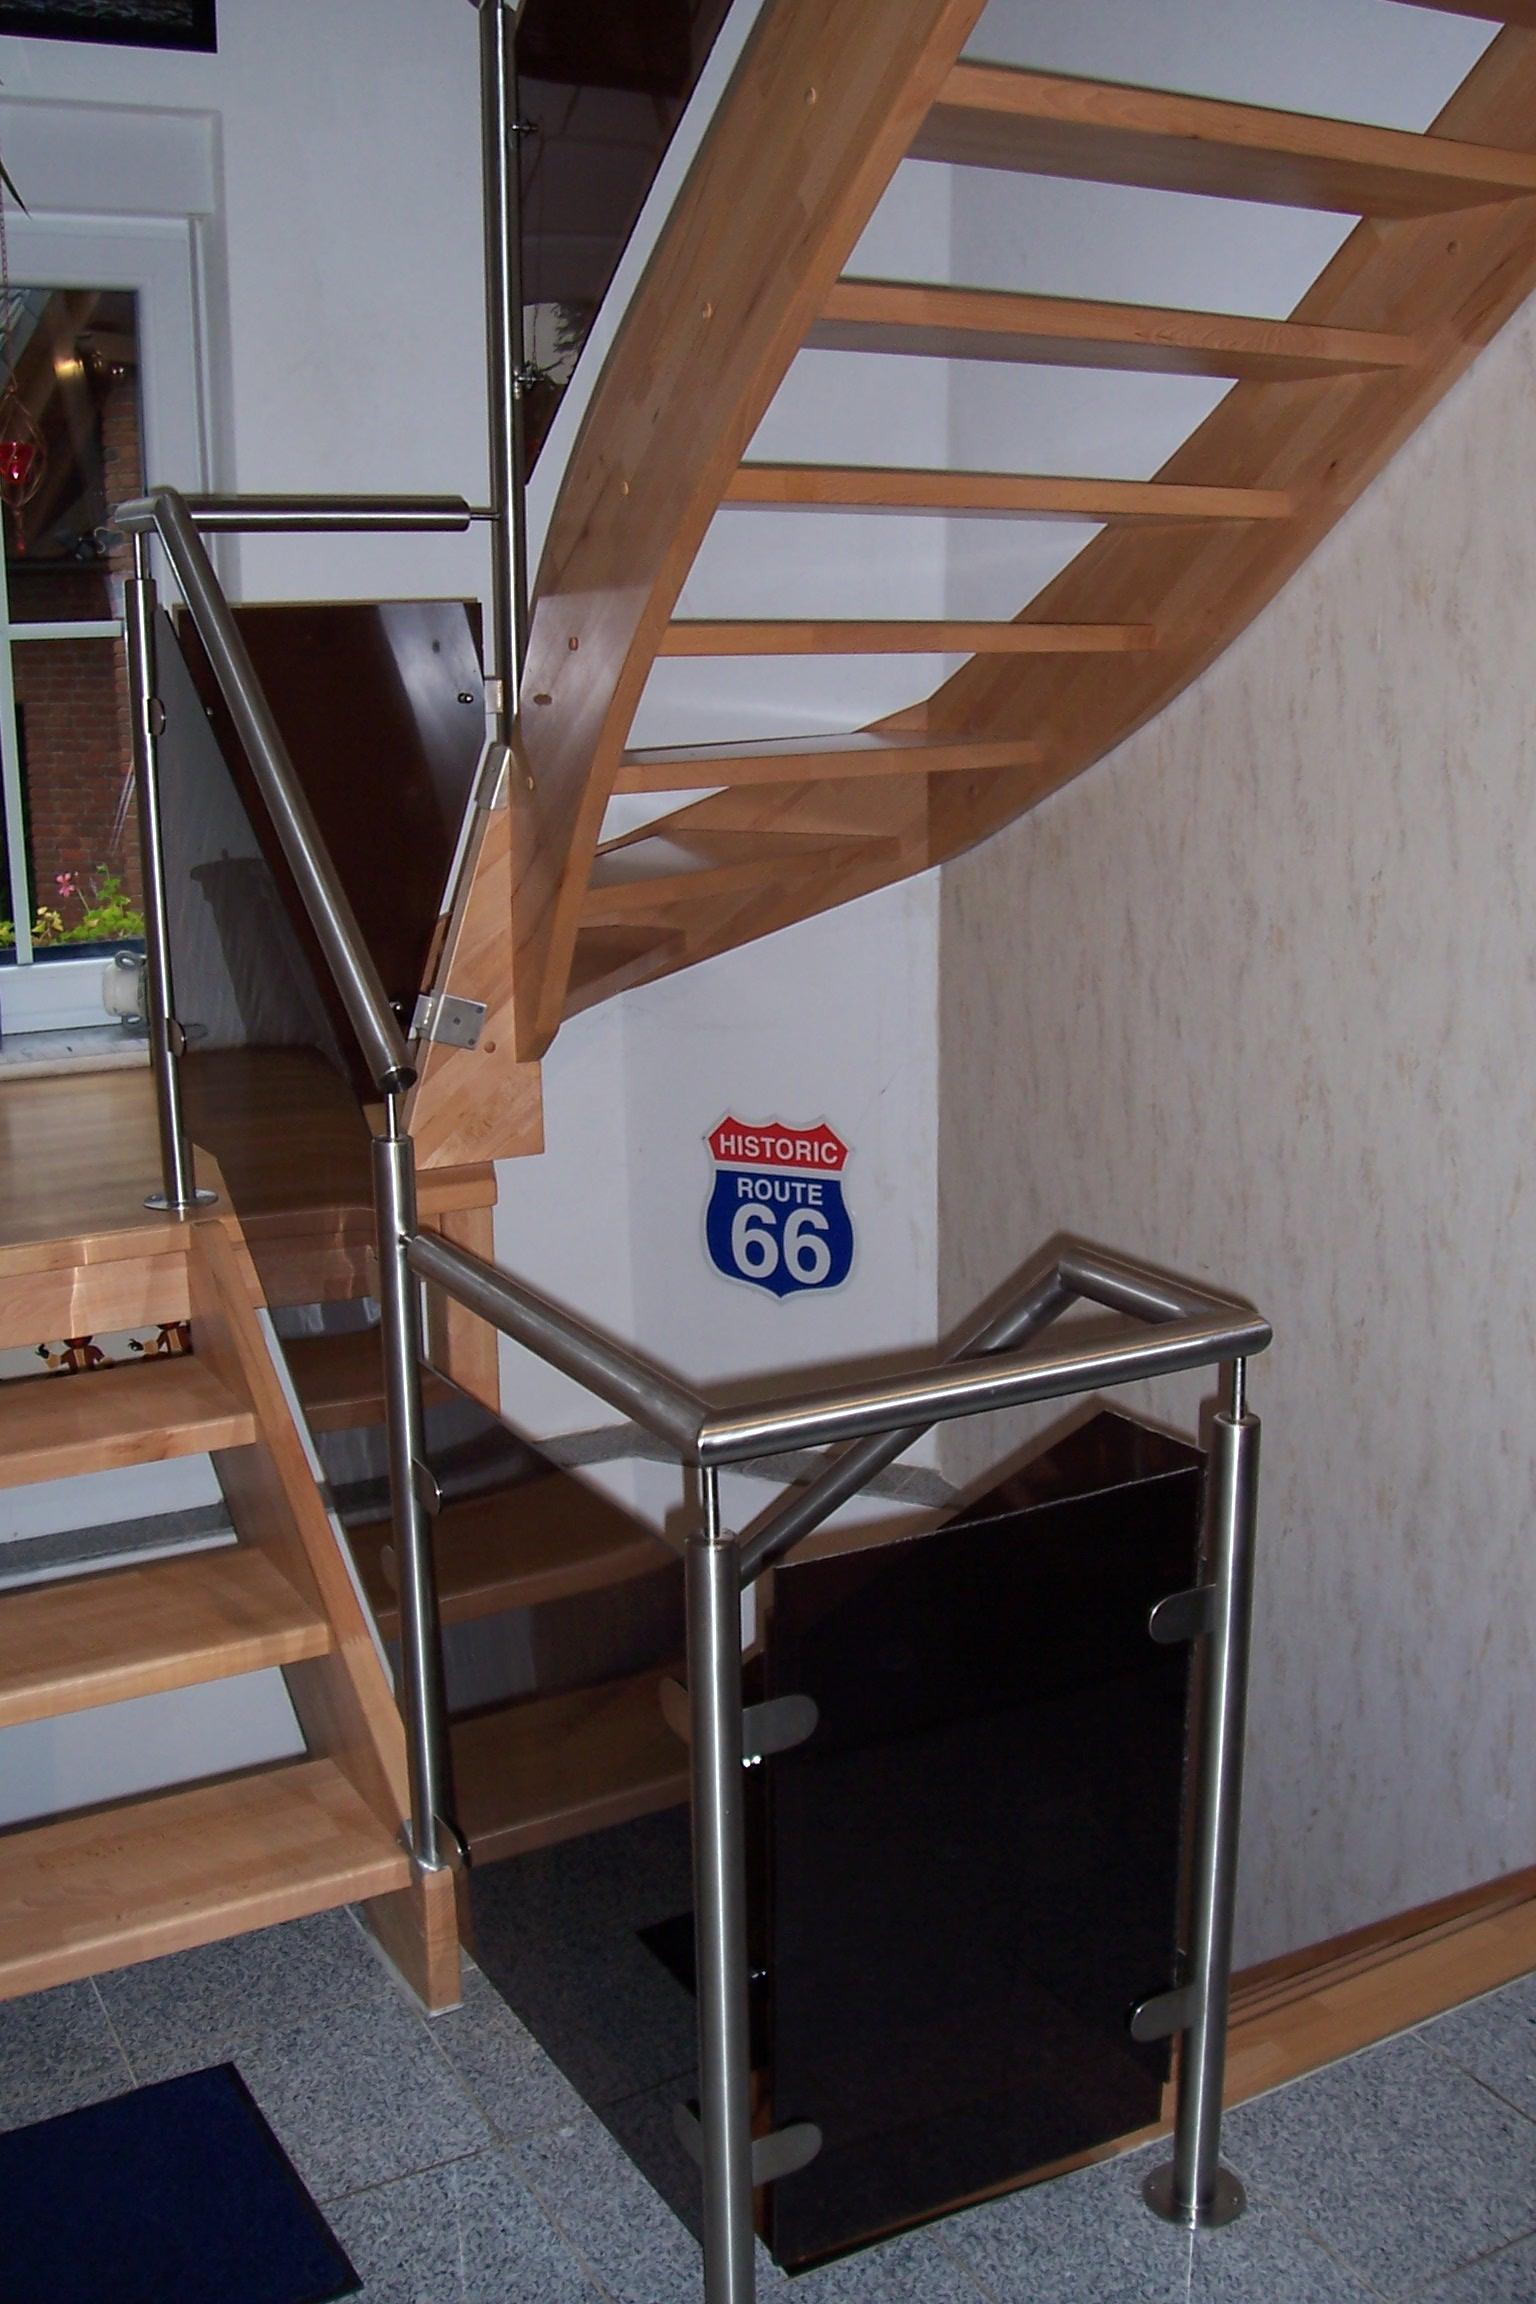 Edelstahl-Treppengeländer über mehrere Etagen